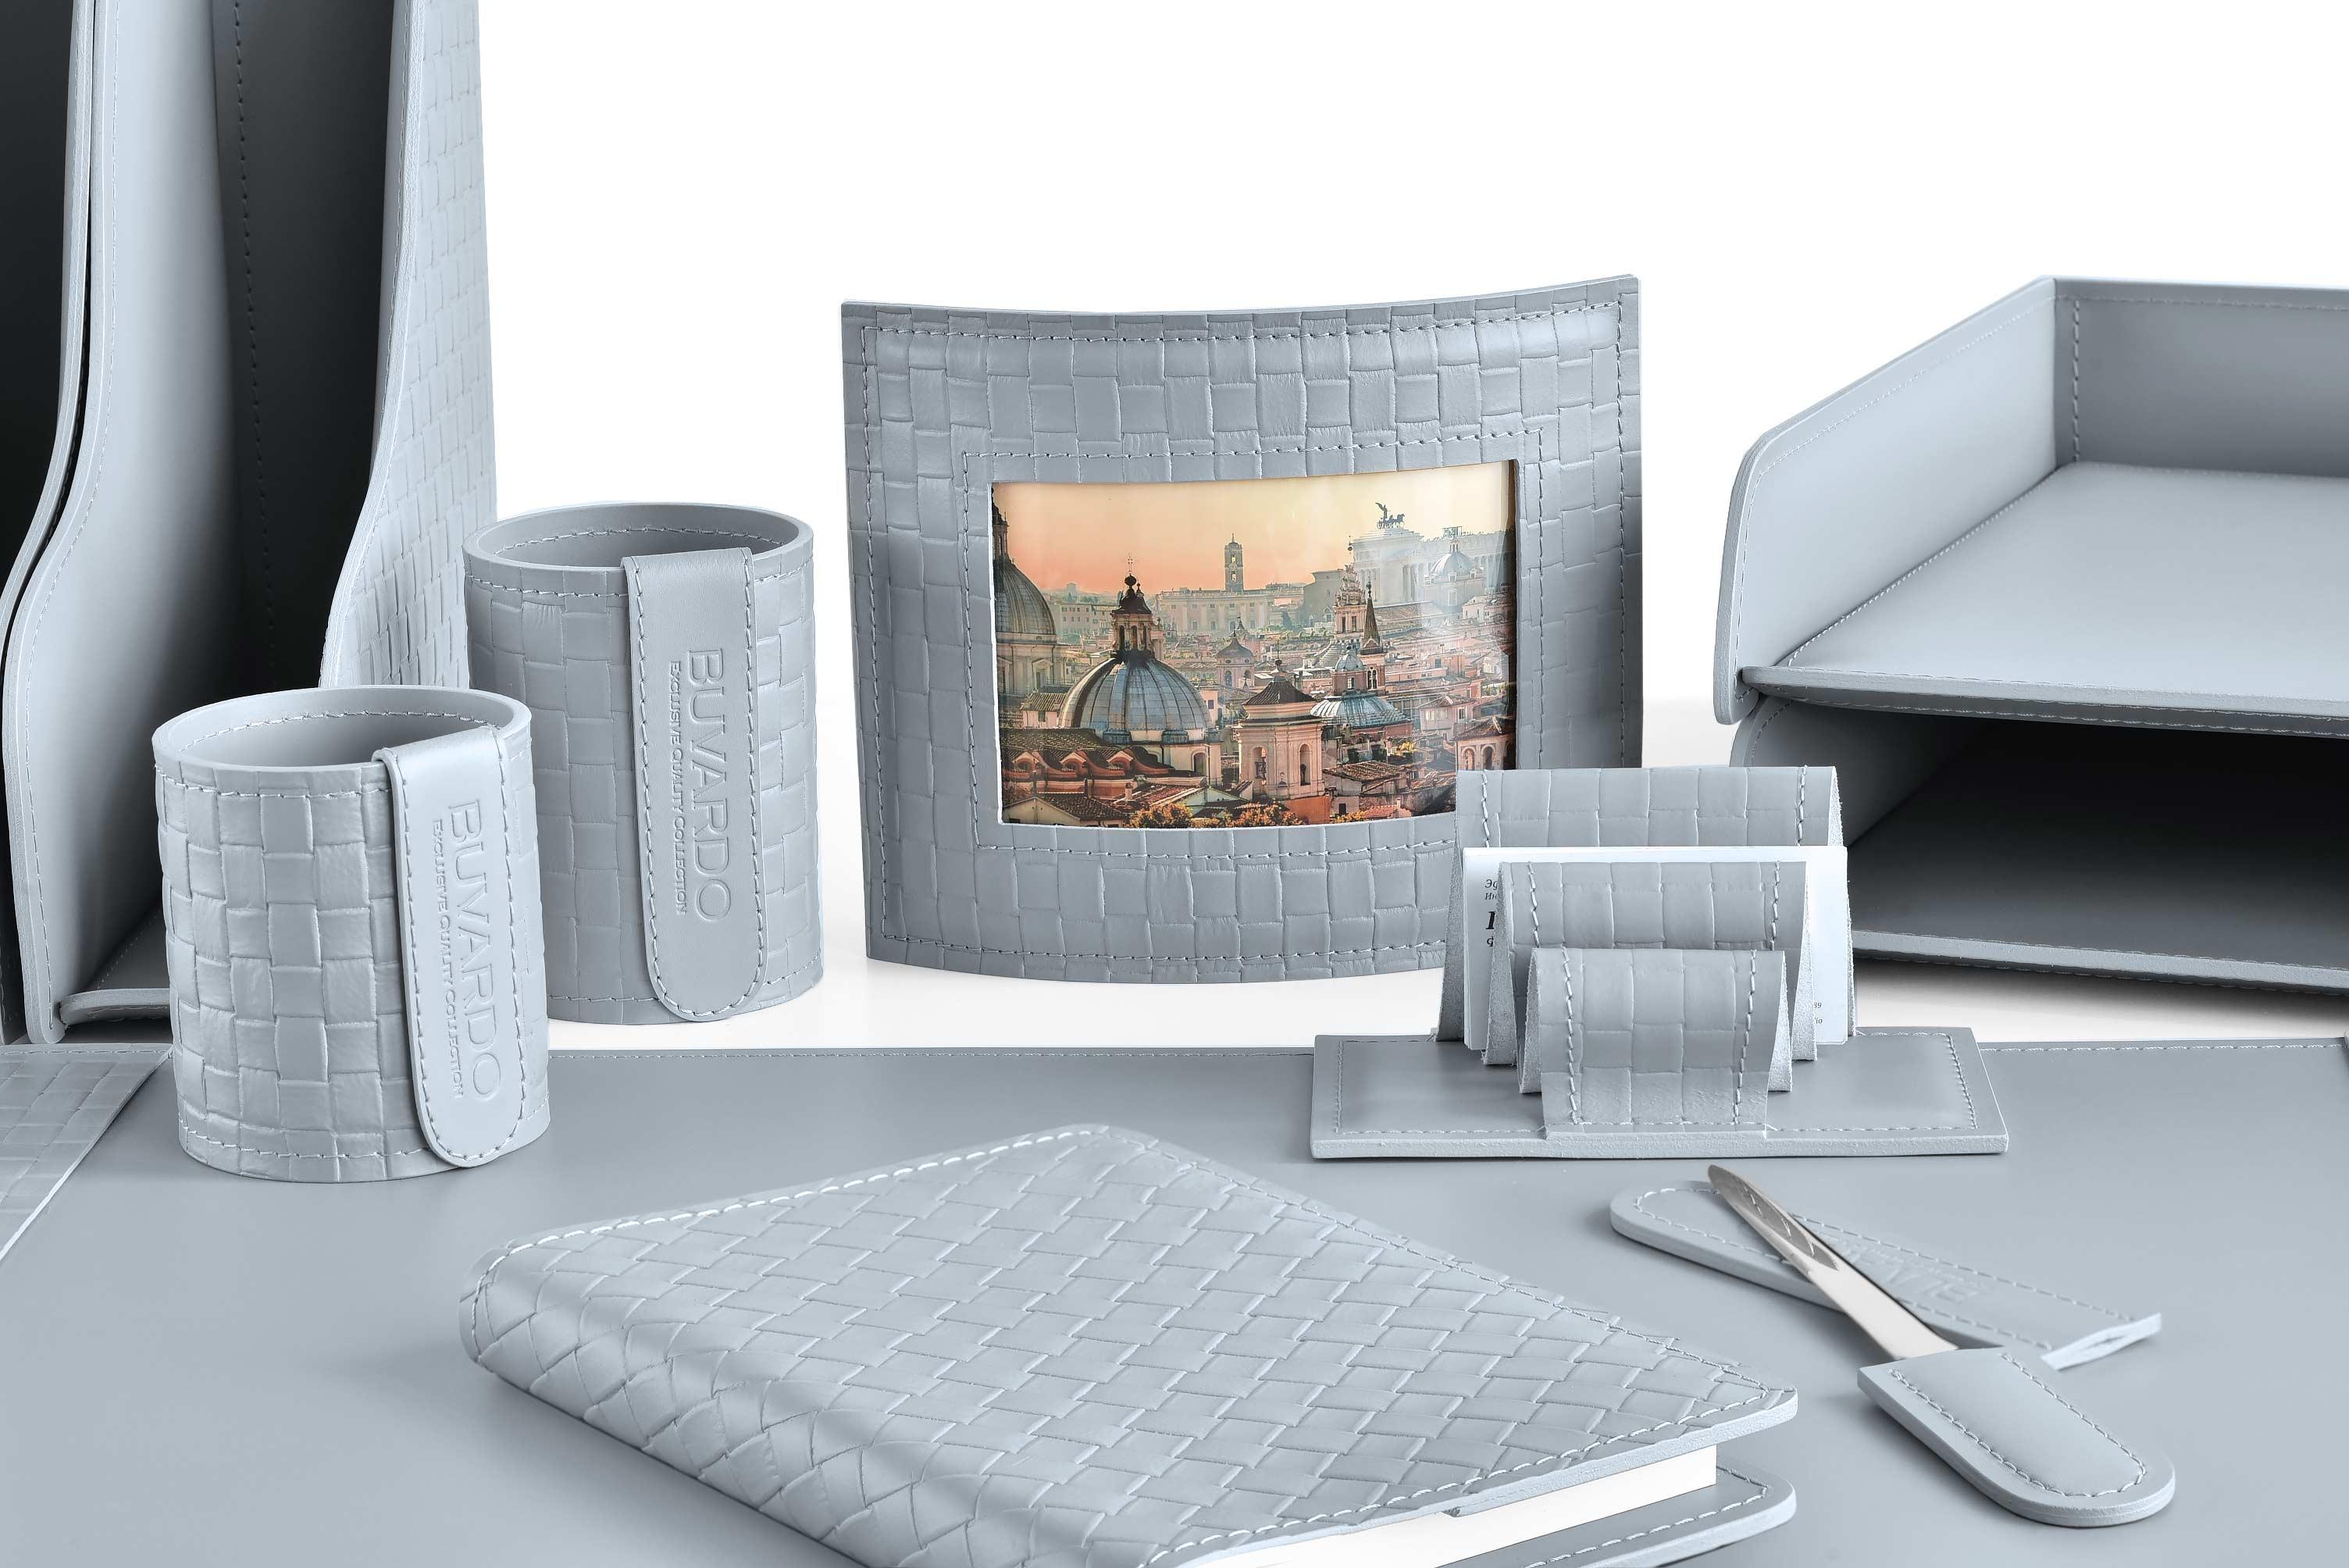 Набор на стол из 15 предметов из серой кожи Cuoietto с тиснением intrecciato: